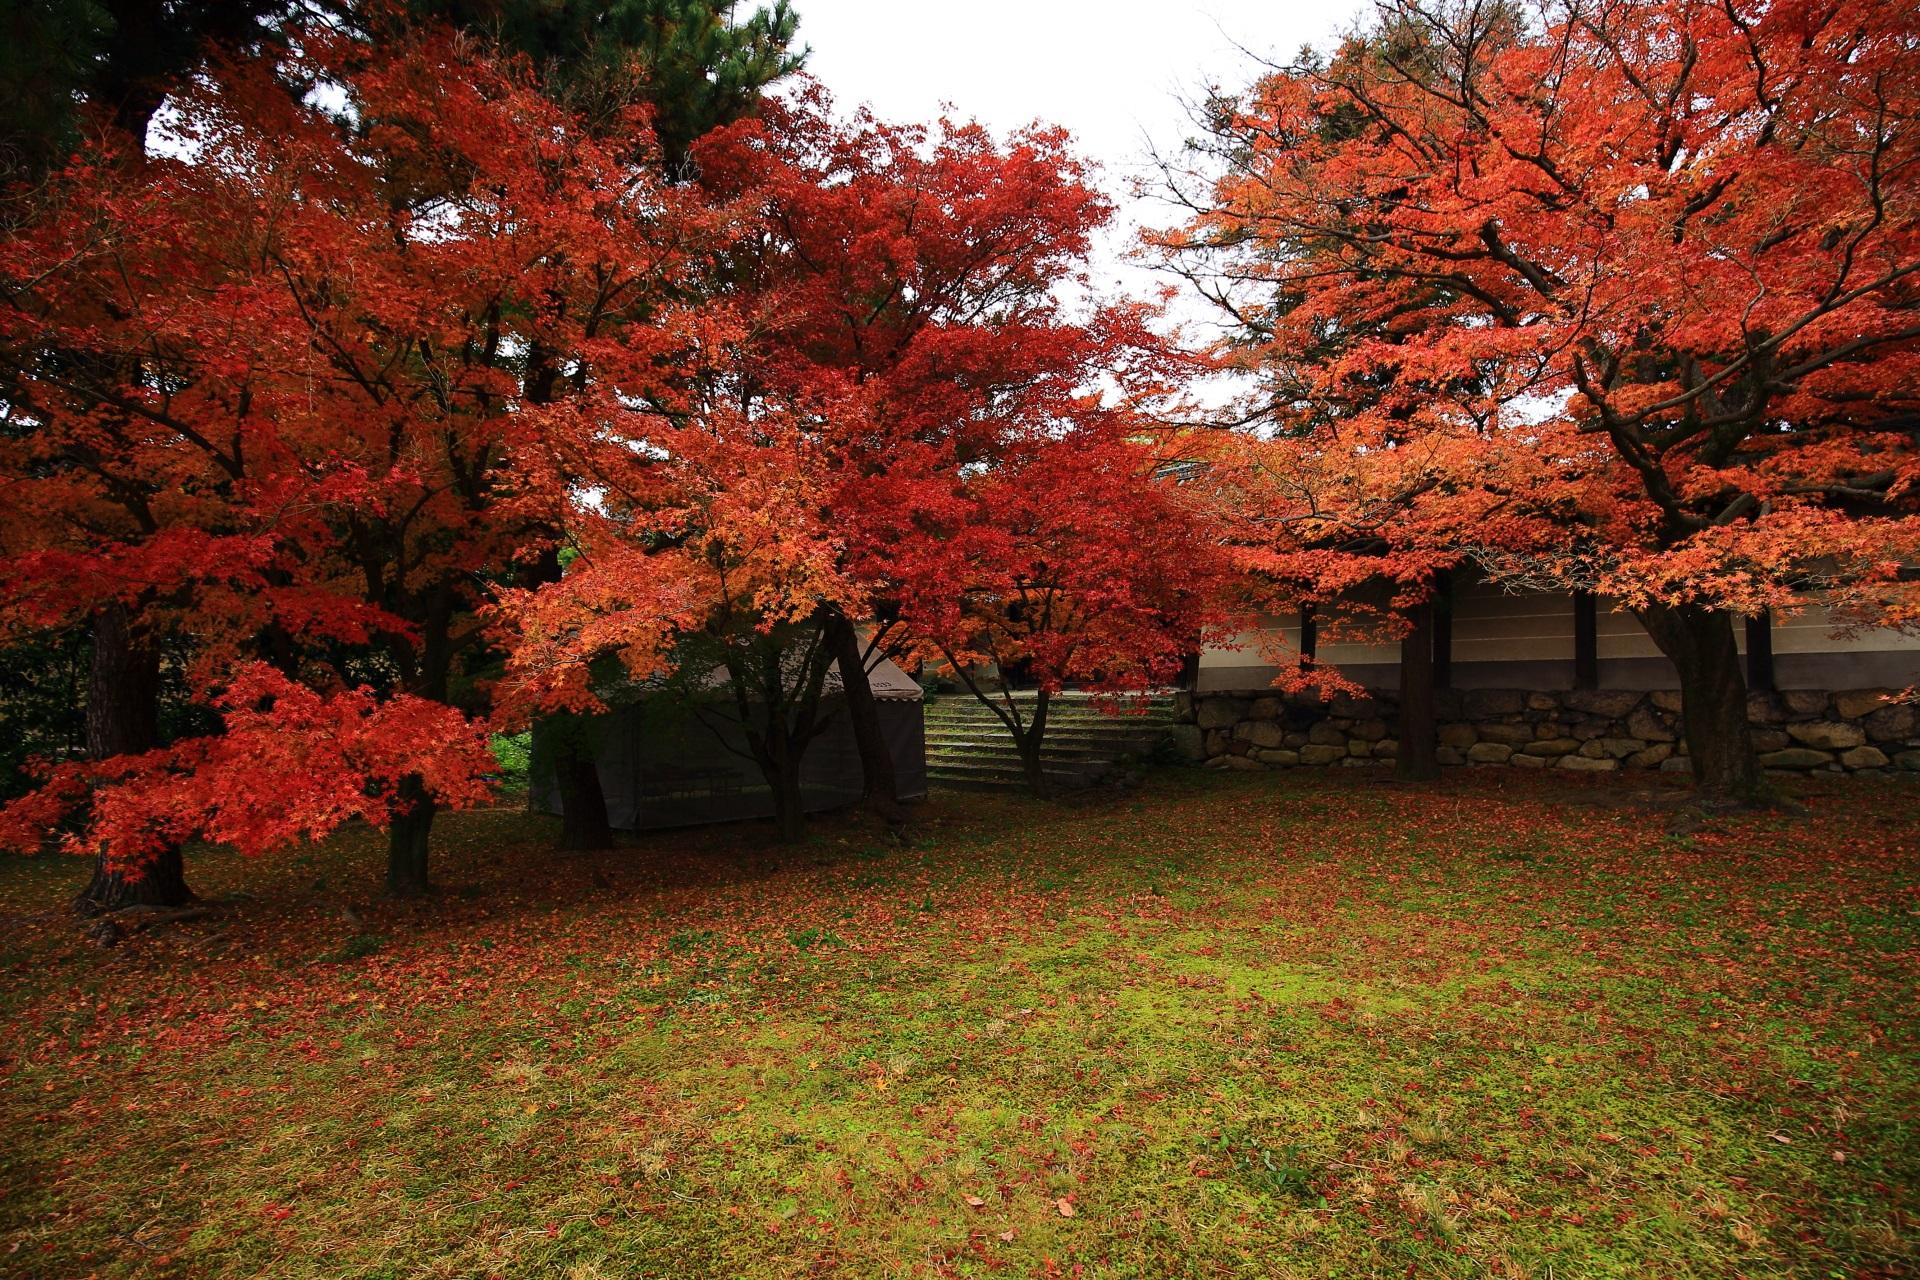 養源院の勅使門前の庭園の雄大な紅葉